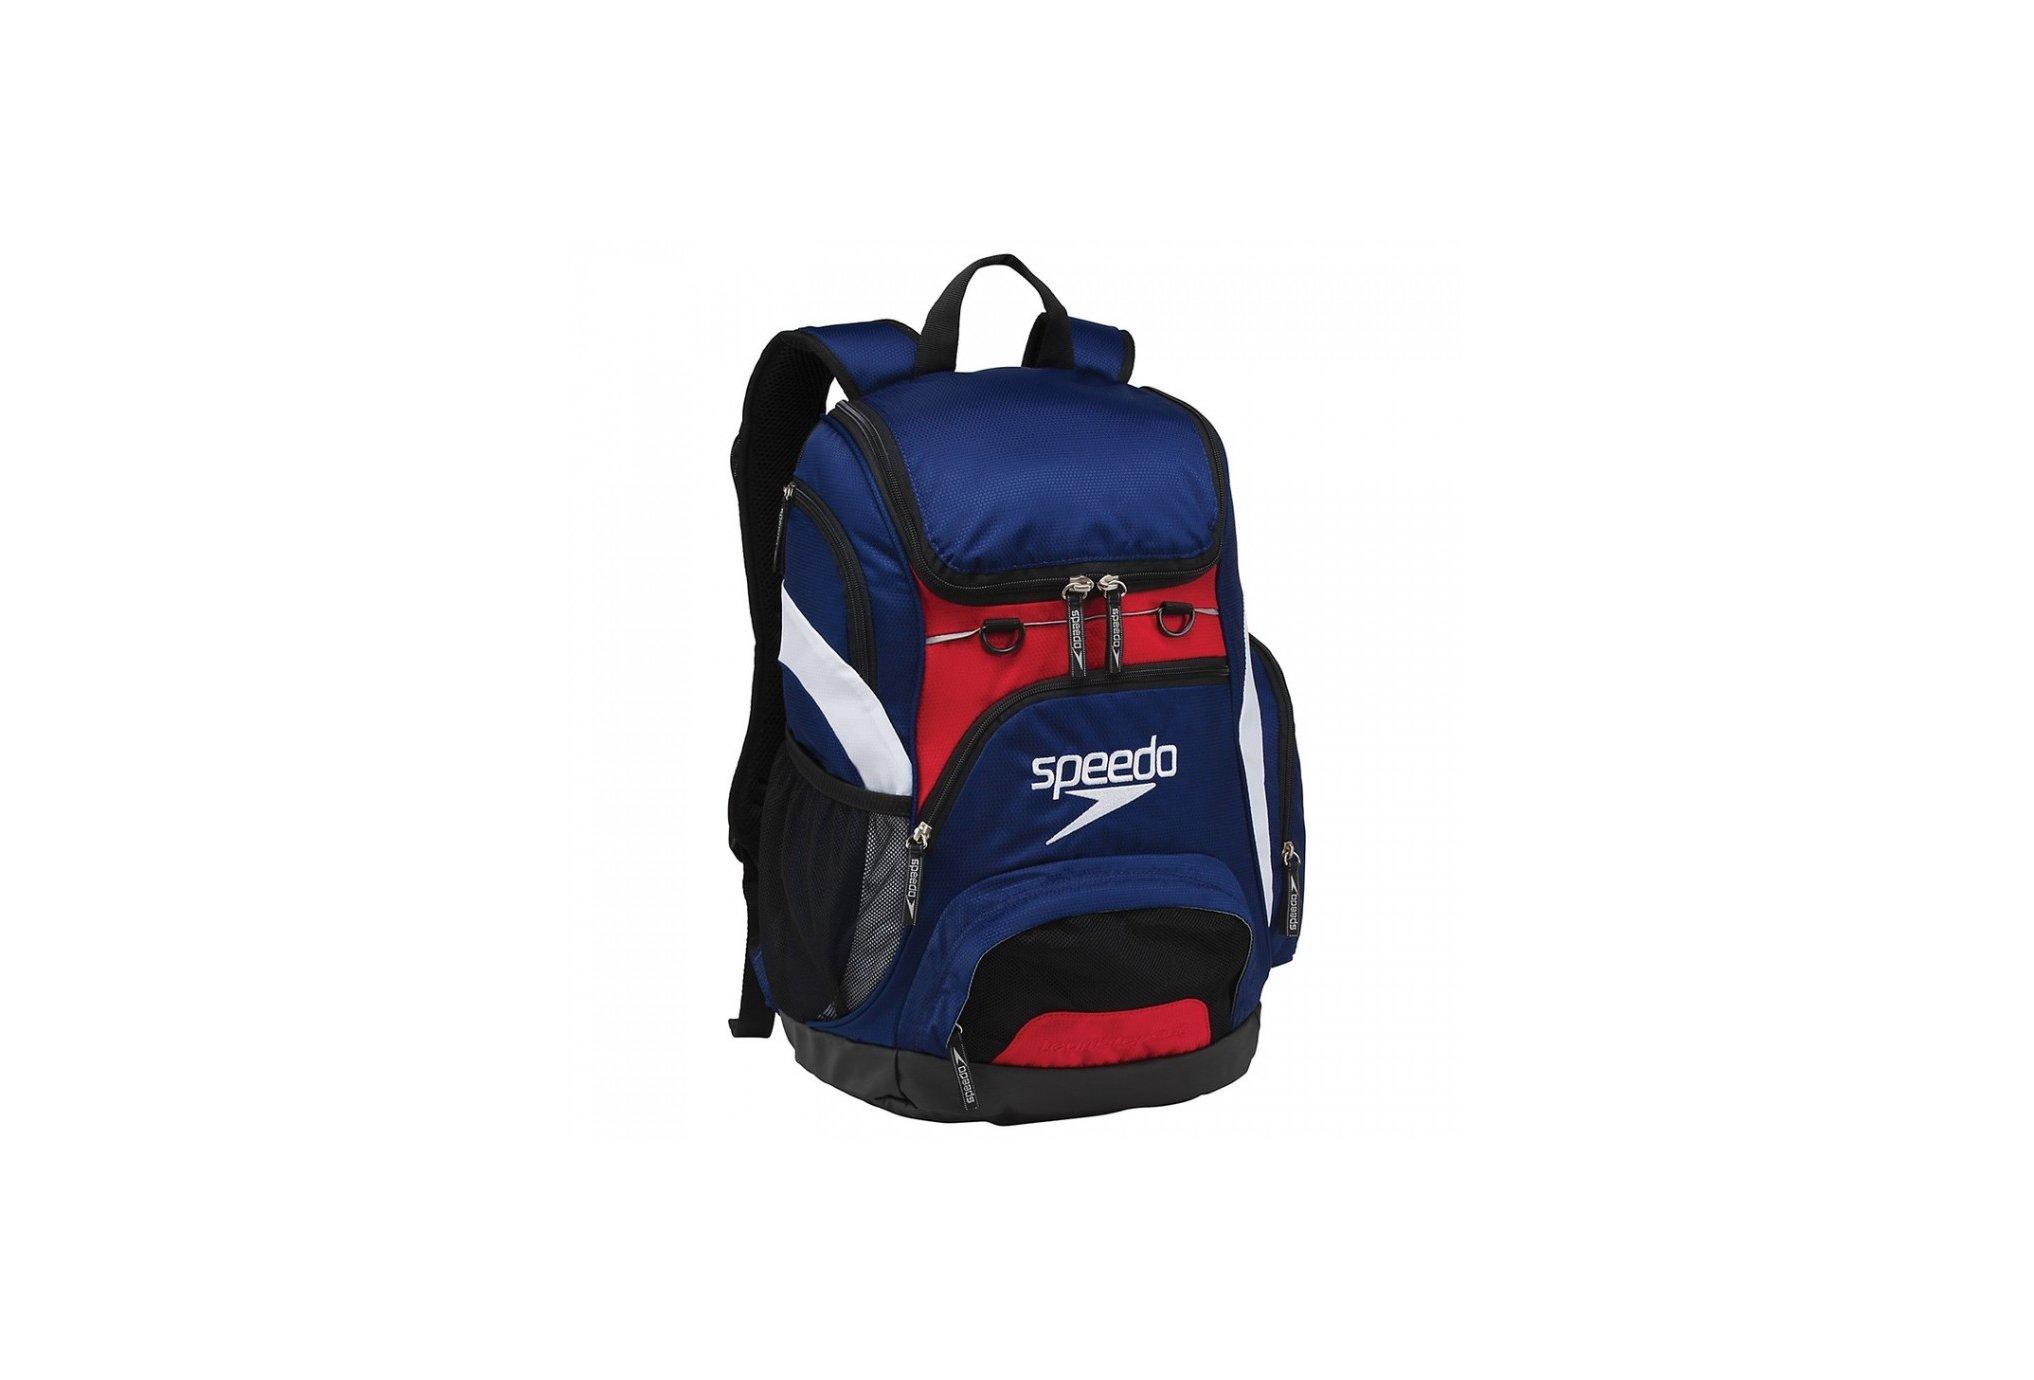 Speedo Teamster Backpack 35L Diététique Accessoires